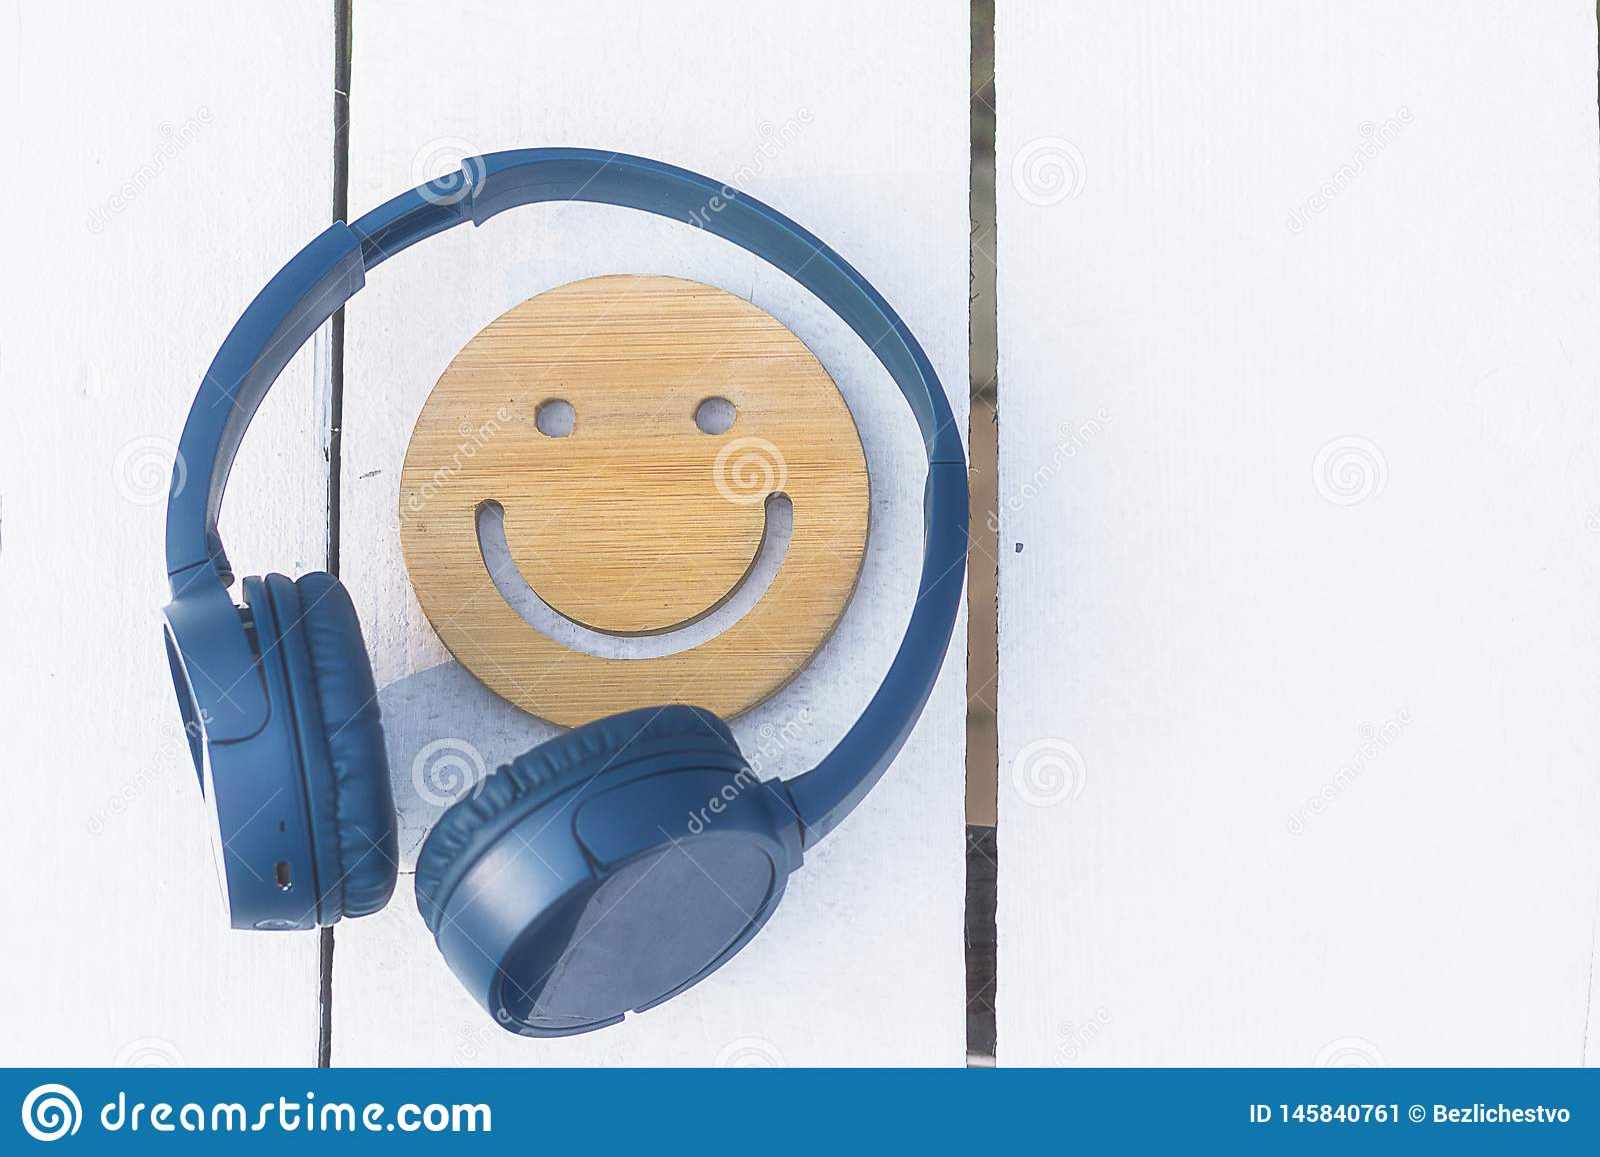 Λεπτή μουσική για την τέλεια διάθεση Τα ασύρματα ακουστικά του μπλε χρώματος βρίσκονται σε ένα άσπρο υπόβαθρο r